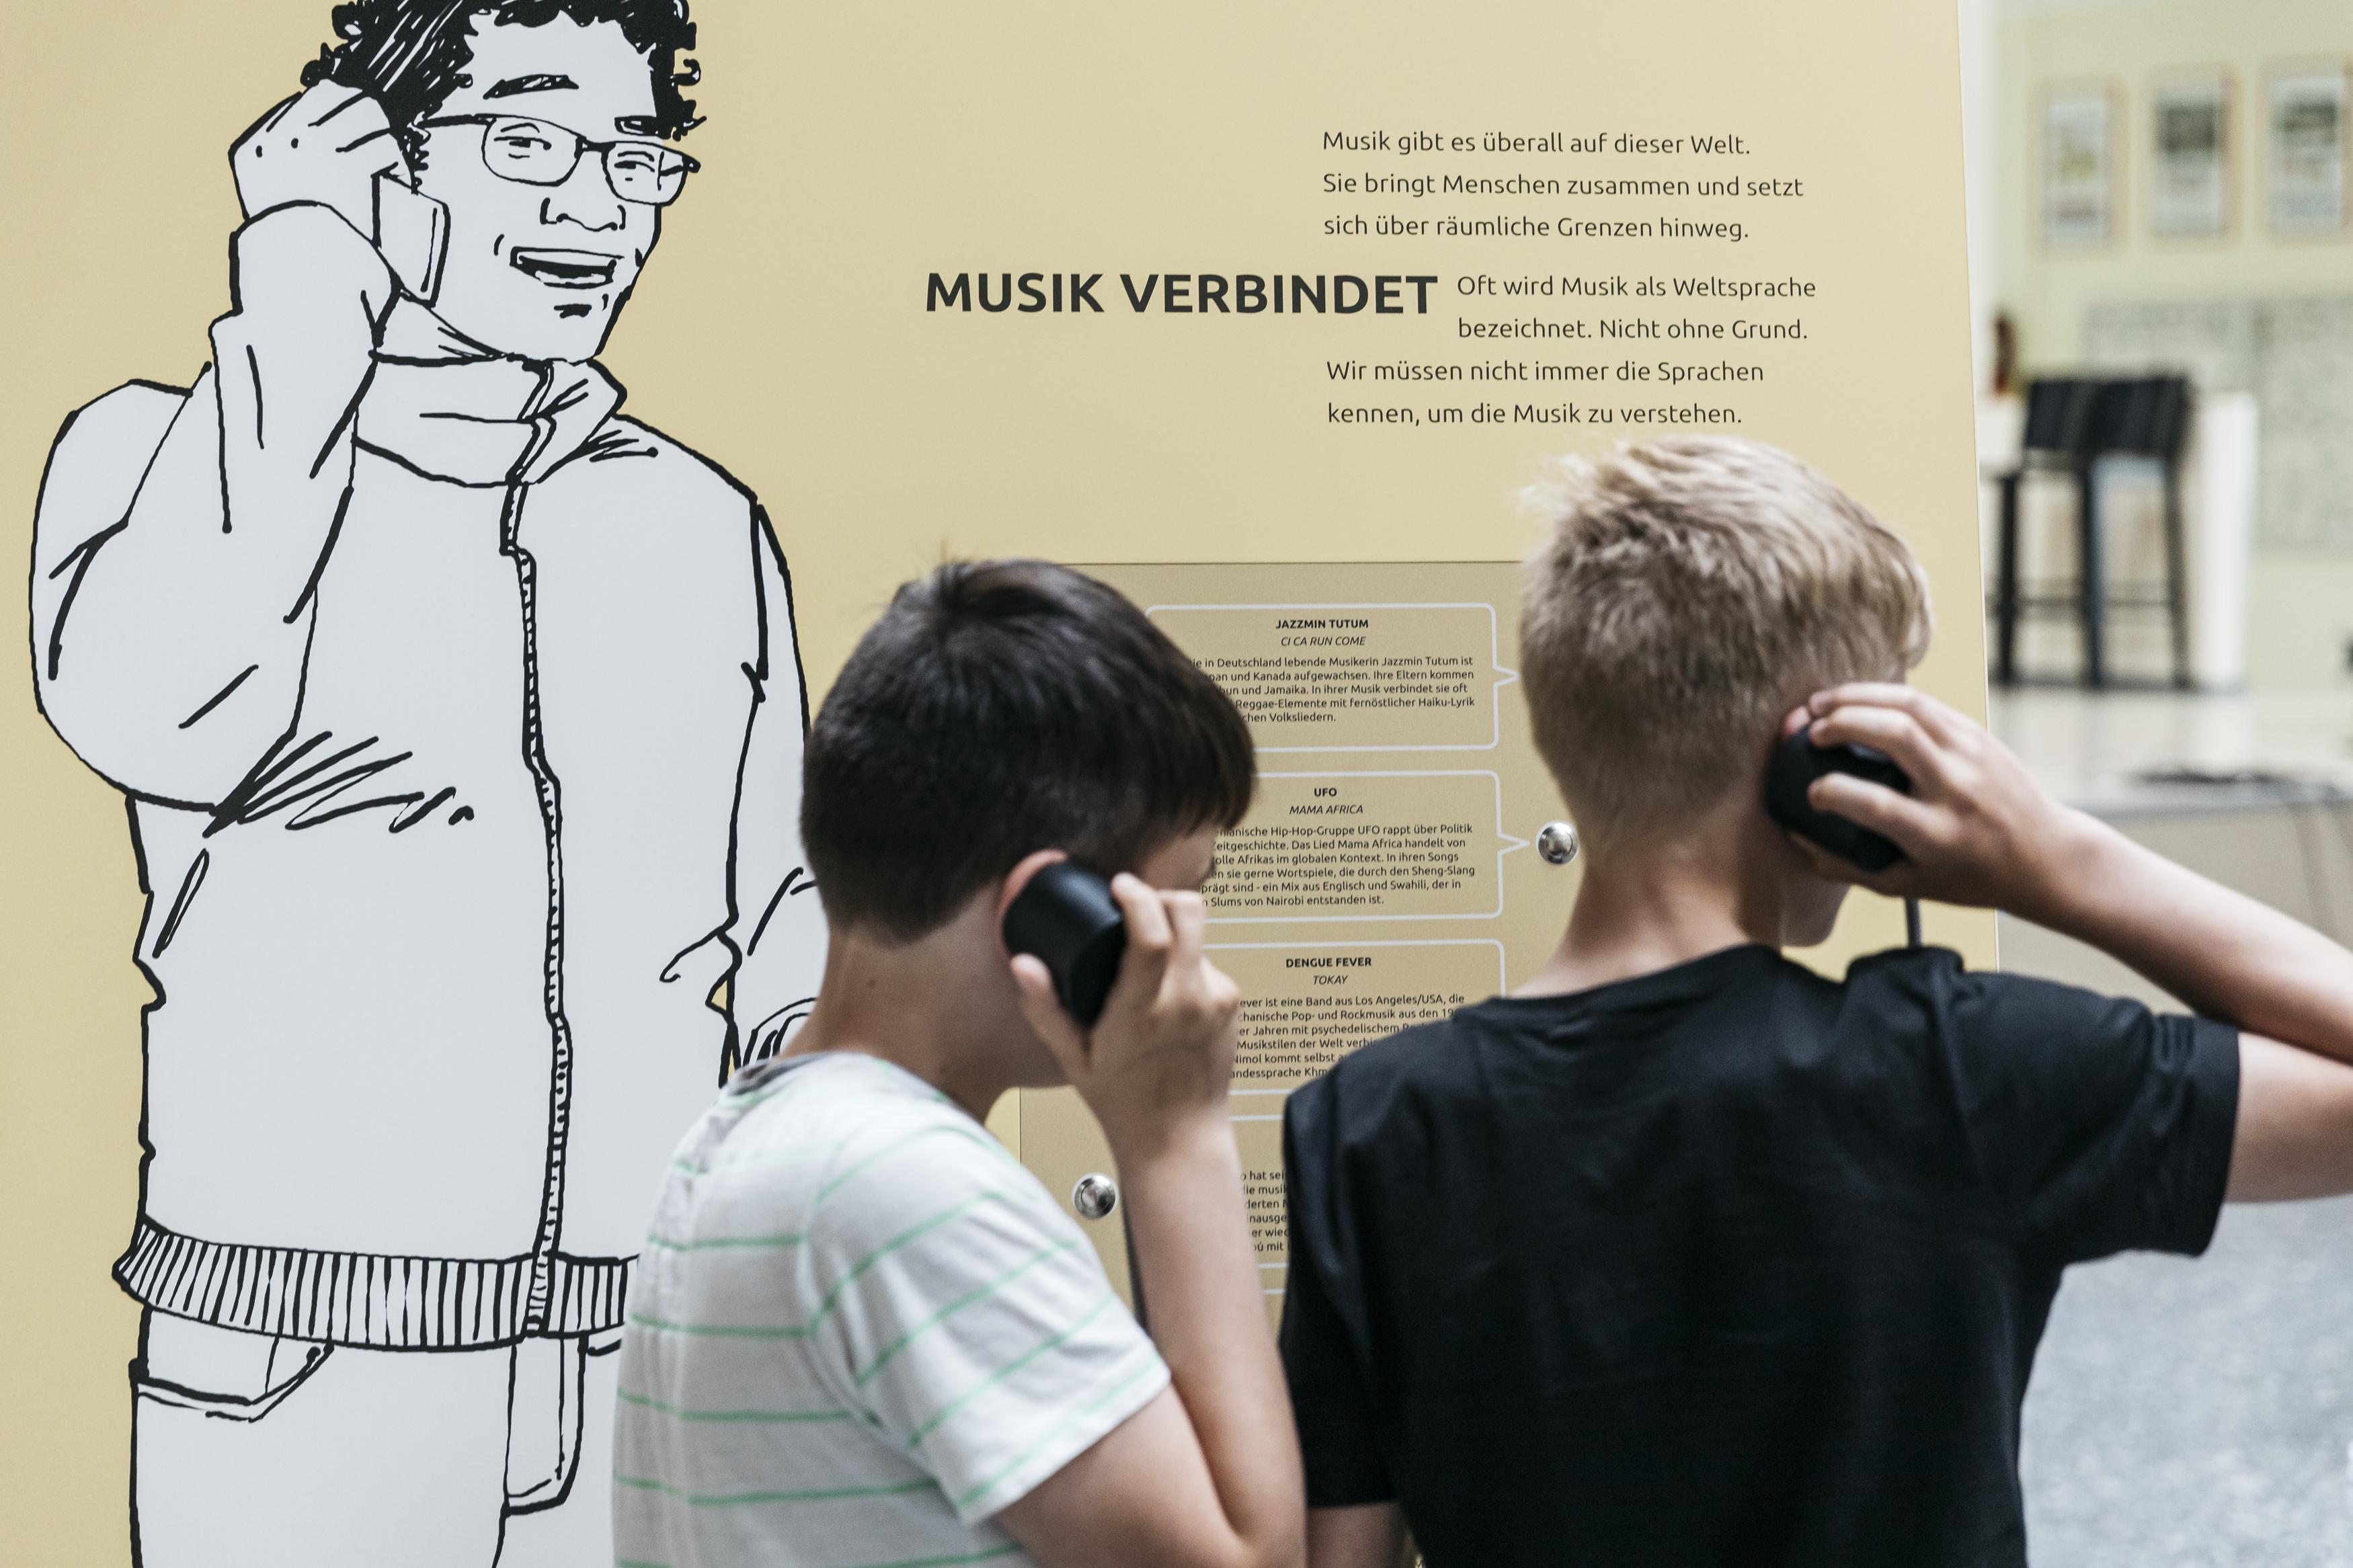 """Zwei Jungen stehe vor der Ausstellungswand """"Musik verbindet"""" und haben jeweils einen Hörer am Ohr."""